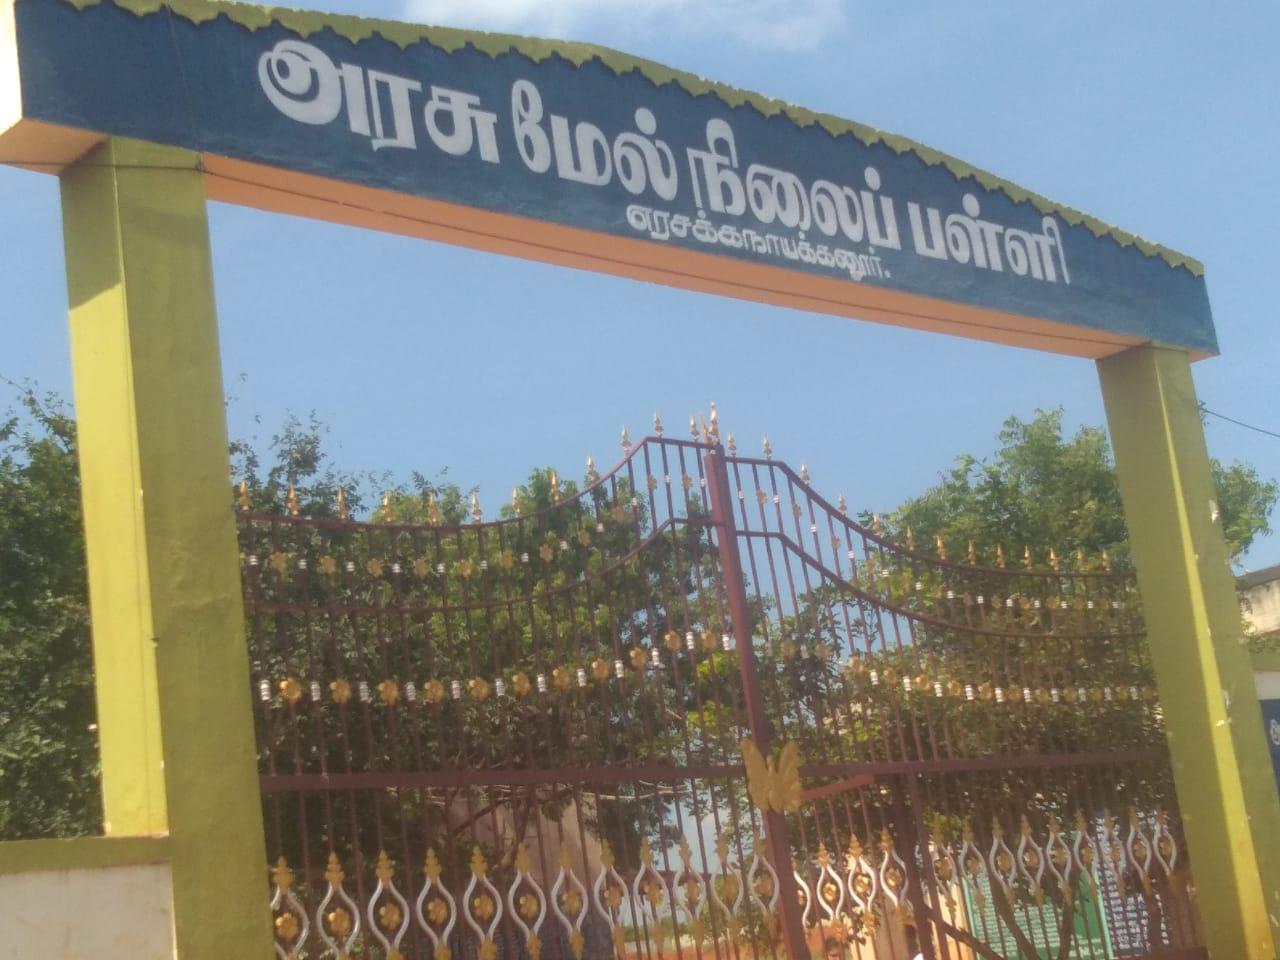 எரசக்கநாயக்கனூர் அரசு மேல்நிலைப்பள்ளி